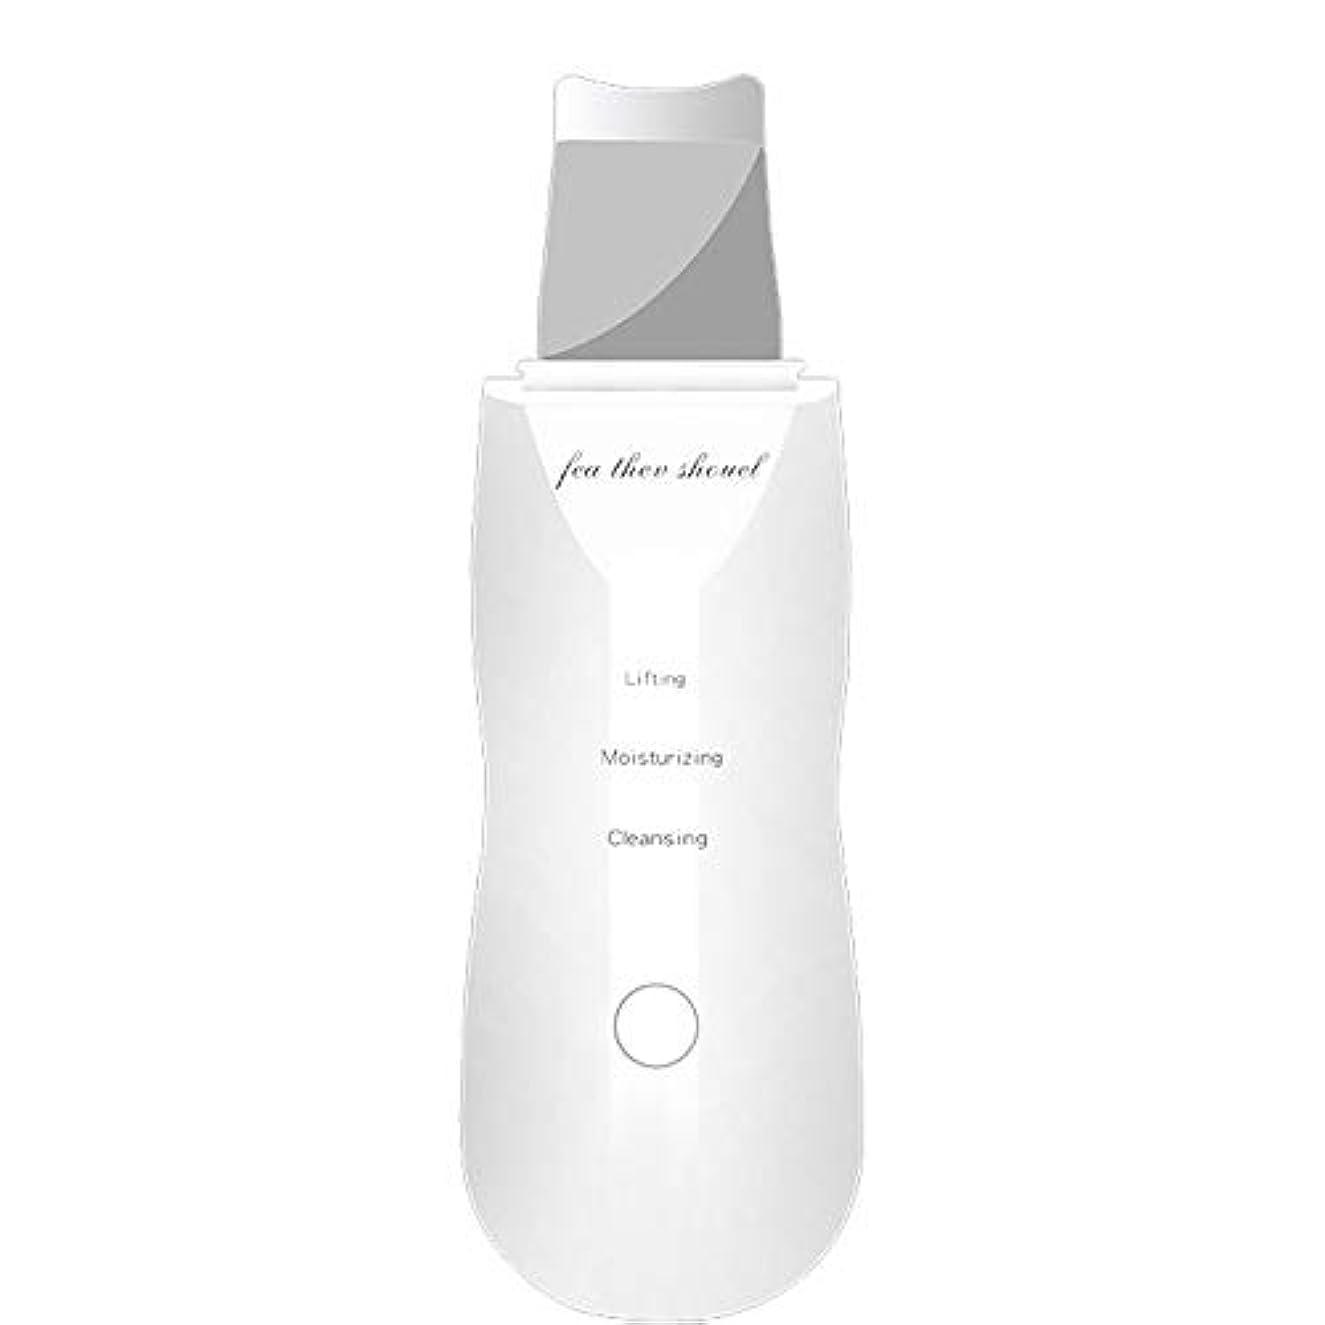 許されるしなやか奨励します顔の皮のスクラバー、気孔の洗剤の電気にきび顔の皮のスクラバーUSBの再充電可能な皮のマッサージのスクラバー